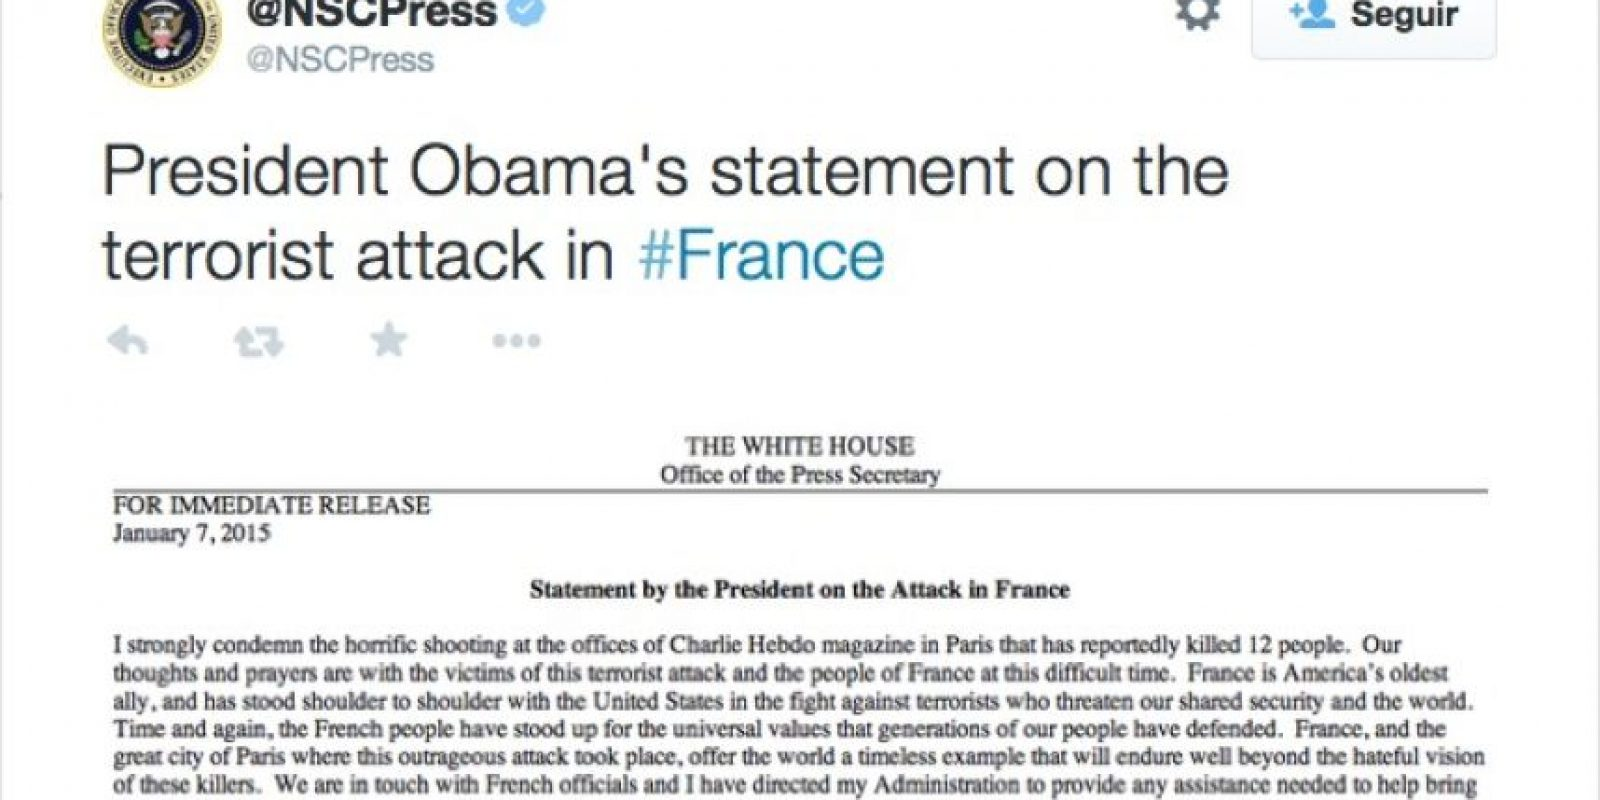 """Barack Obama: """"Francia es el aliado más antiguo de Estados Unidos. He ordenado a mi Administración proveer cualquier apoyo para llevar a estos terroristas a la justicia"""". Foto:Twitter"""